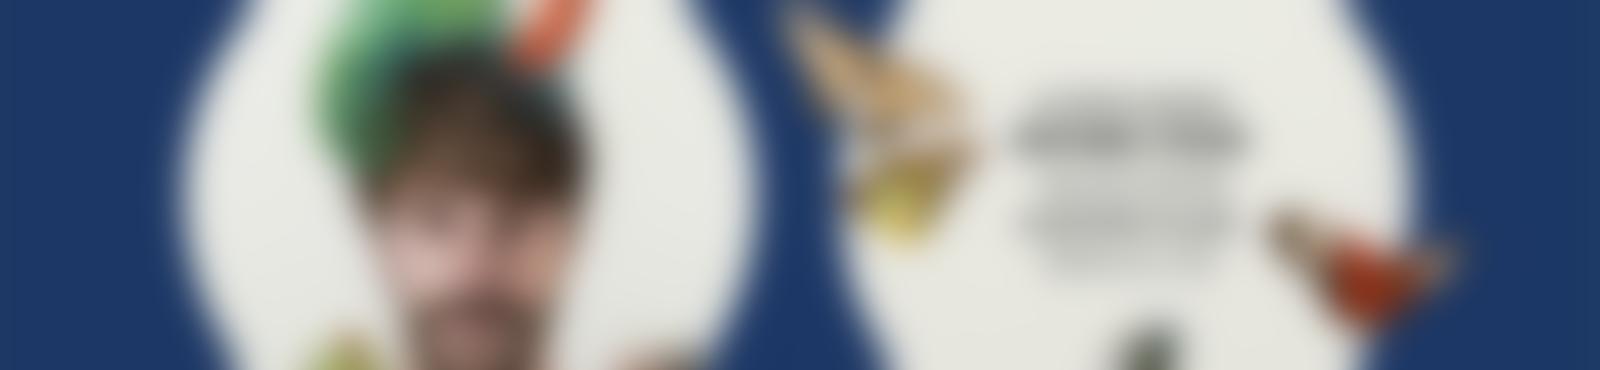 Blurred 44ae1e9a 9c76 4f1b a0b2 66dae4b969b2